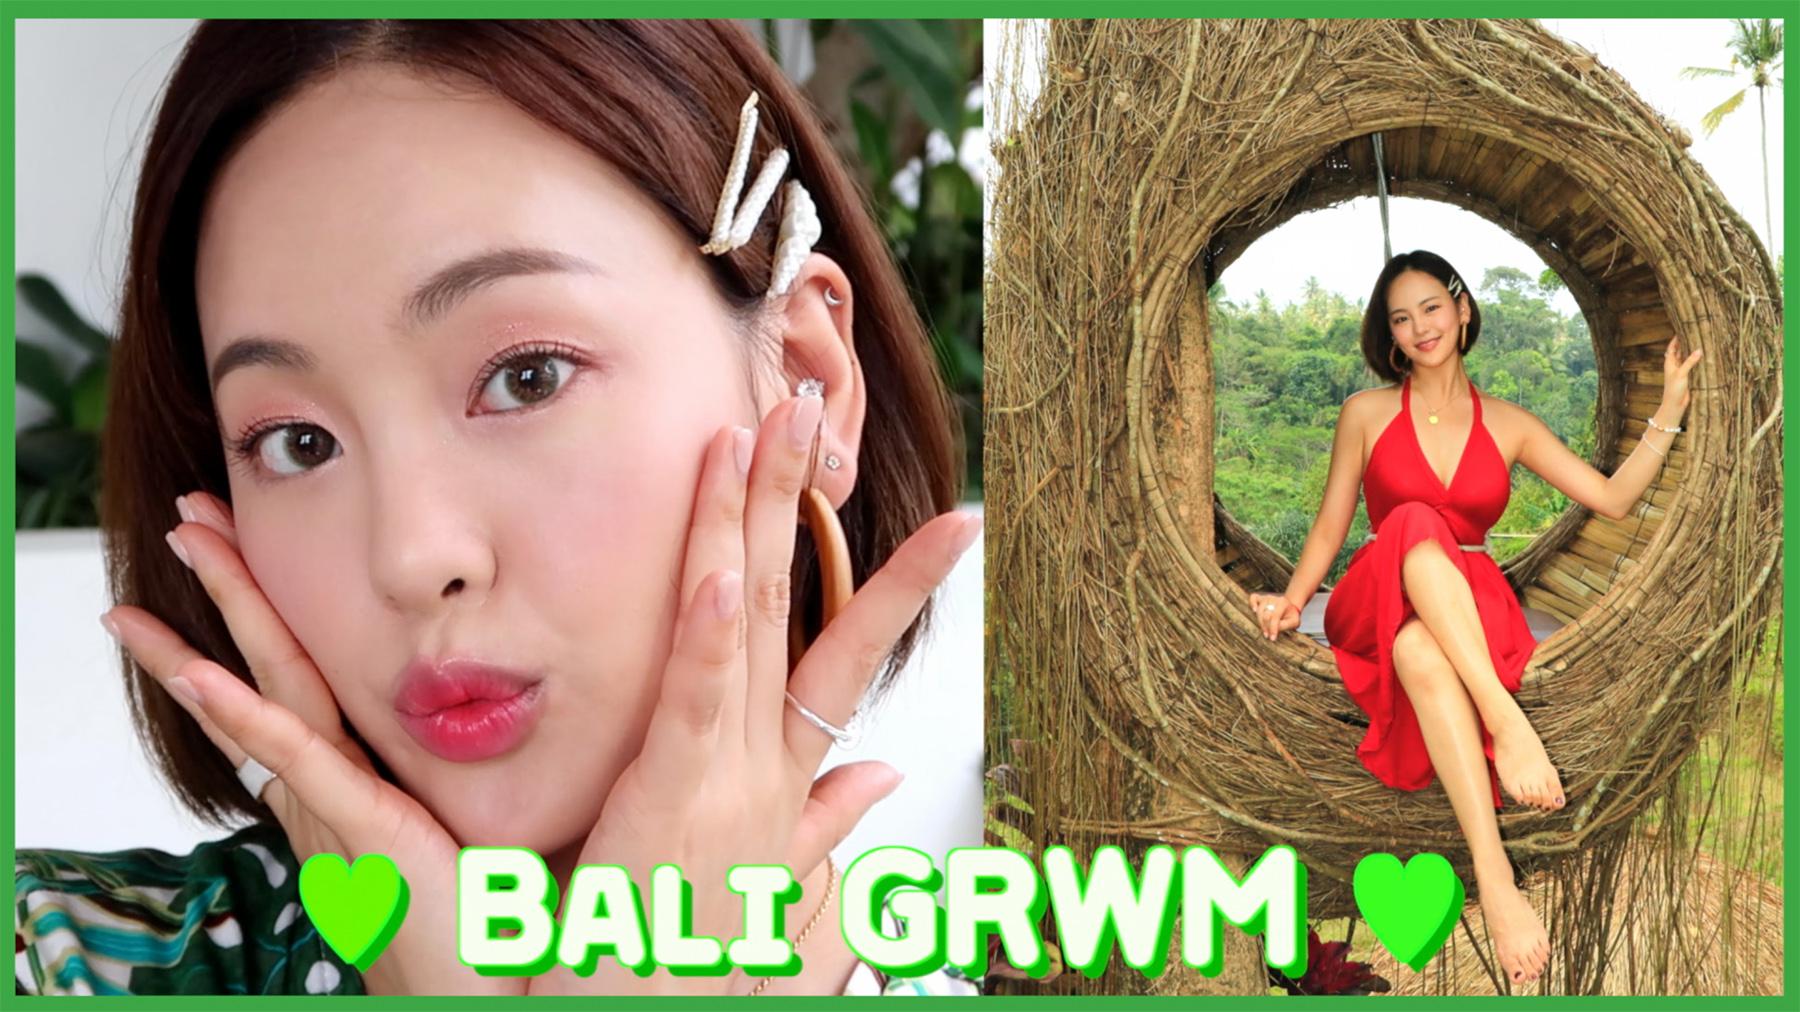 [Bali GRWM] 엠마 애정템 + 신상템으로 발리에서 같이 준비해요!